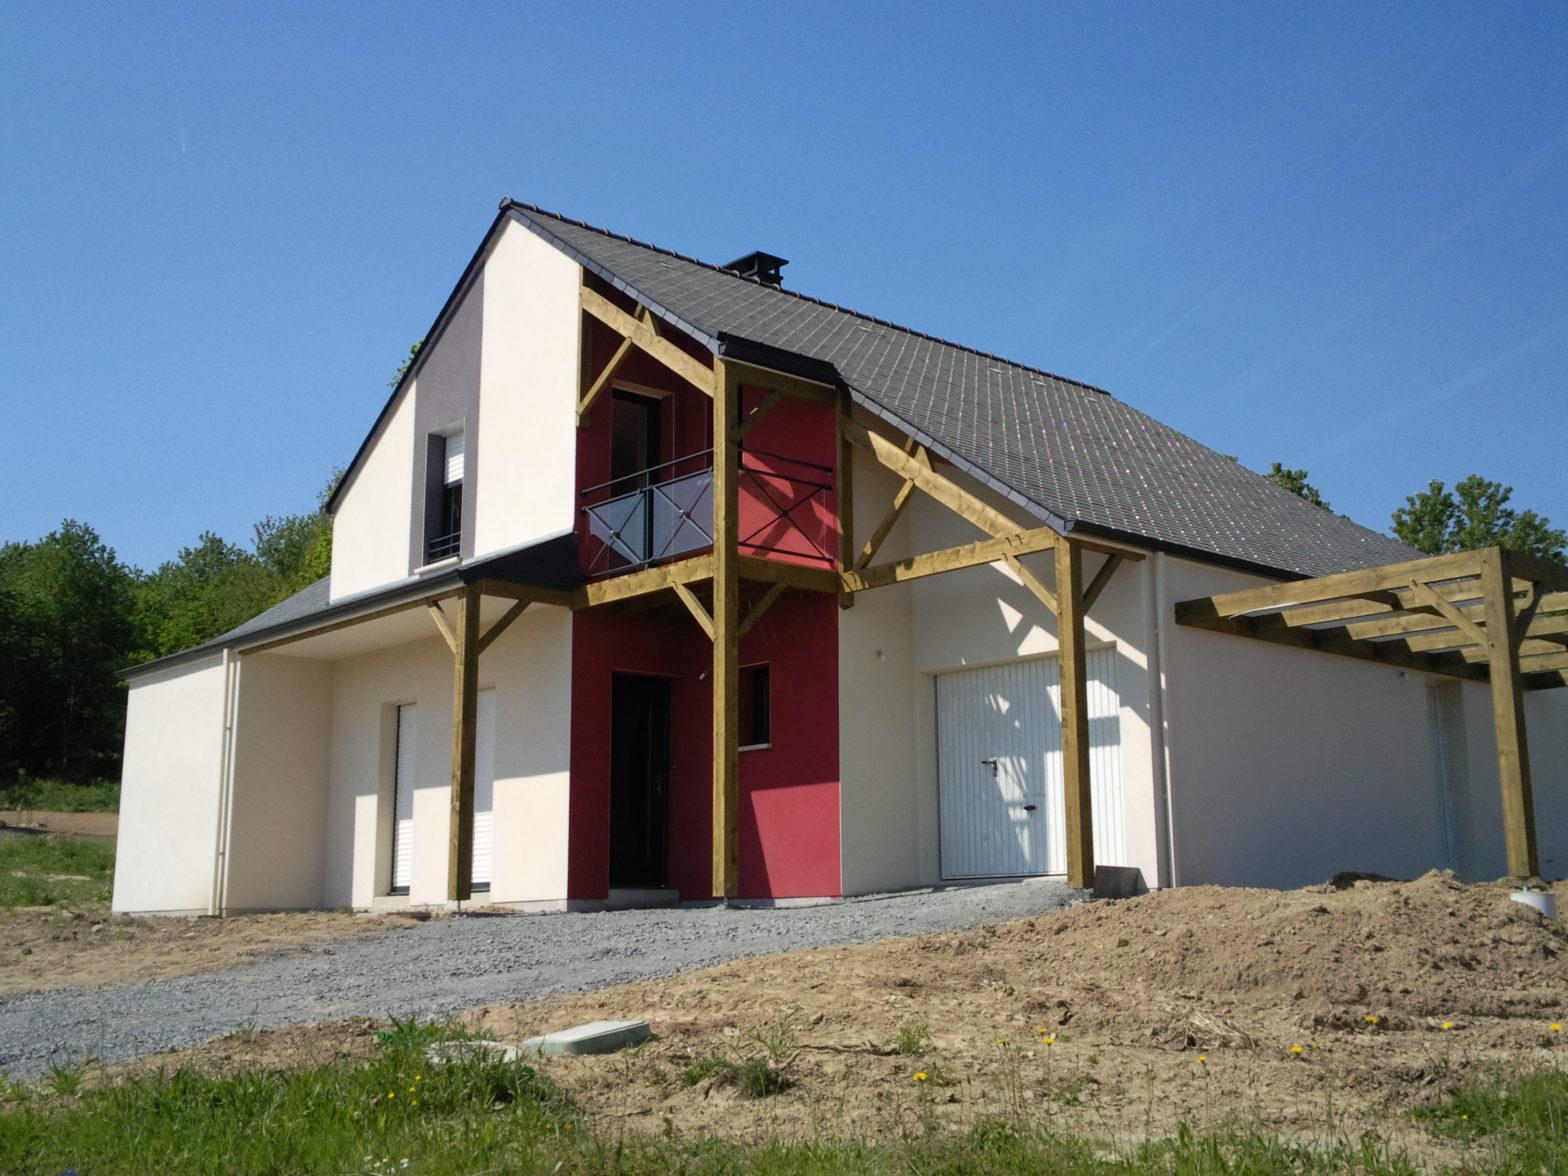 maison etage comble toiture ardoise loire-authion 49